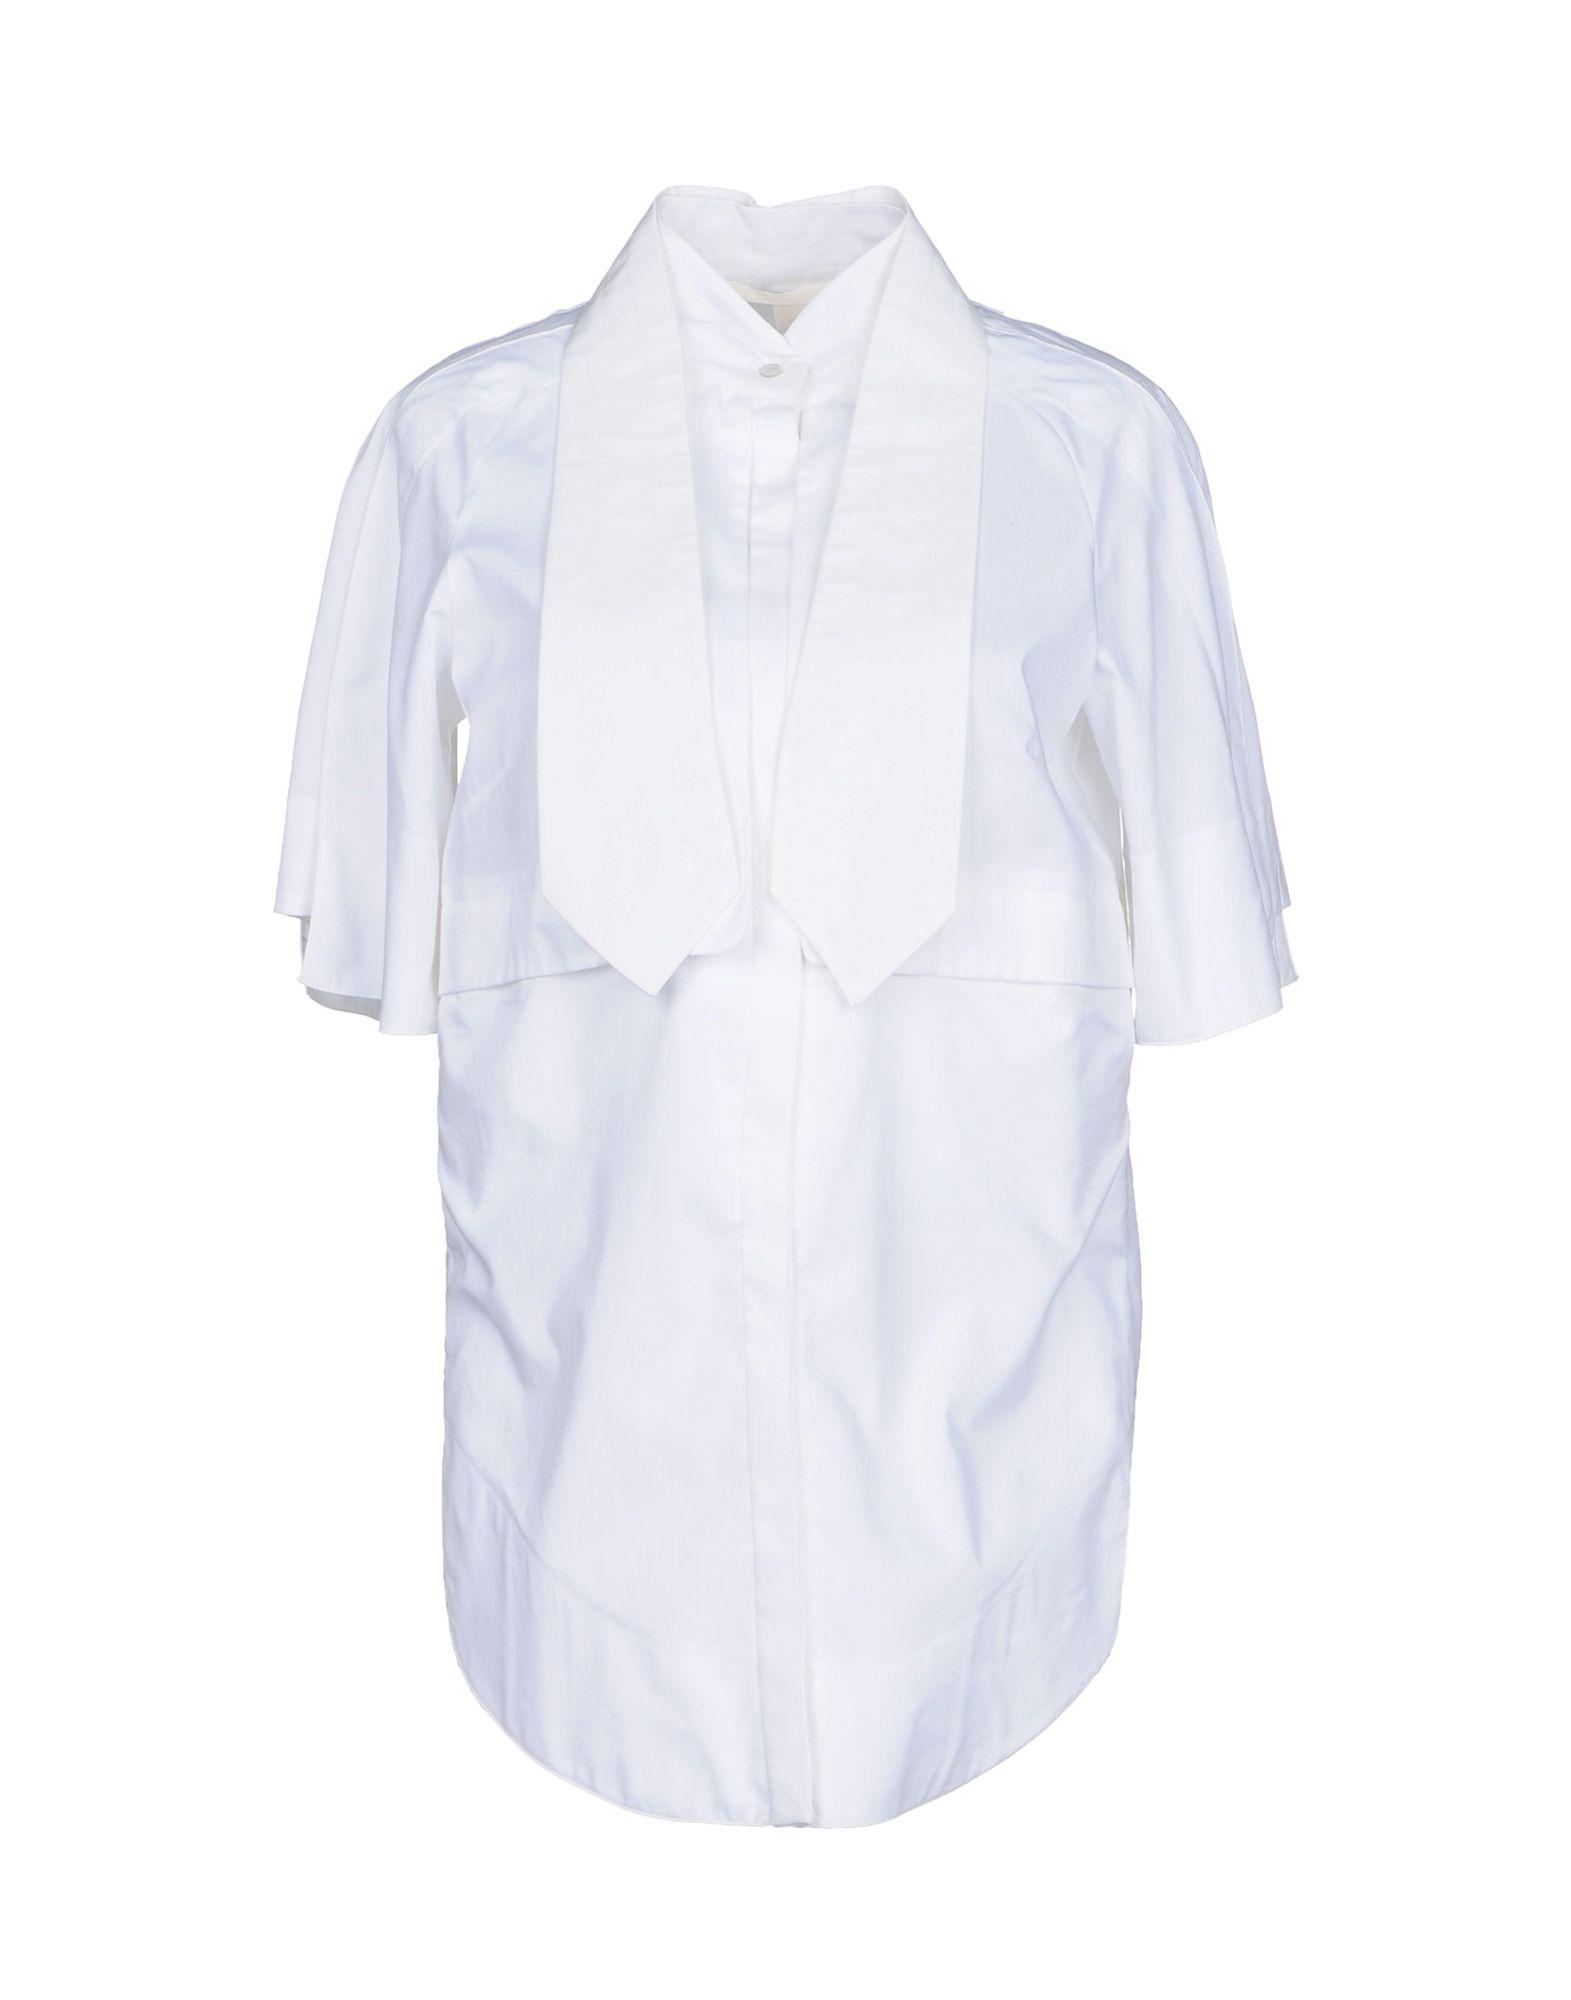 《送料無料》ANTONIO BERARDI レディース シャツ ホワイト 40 コットン 100%